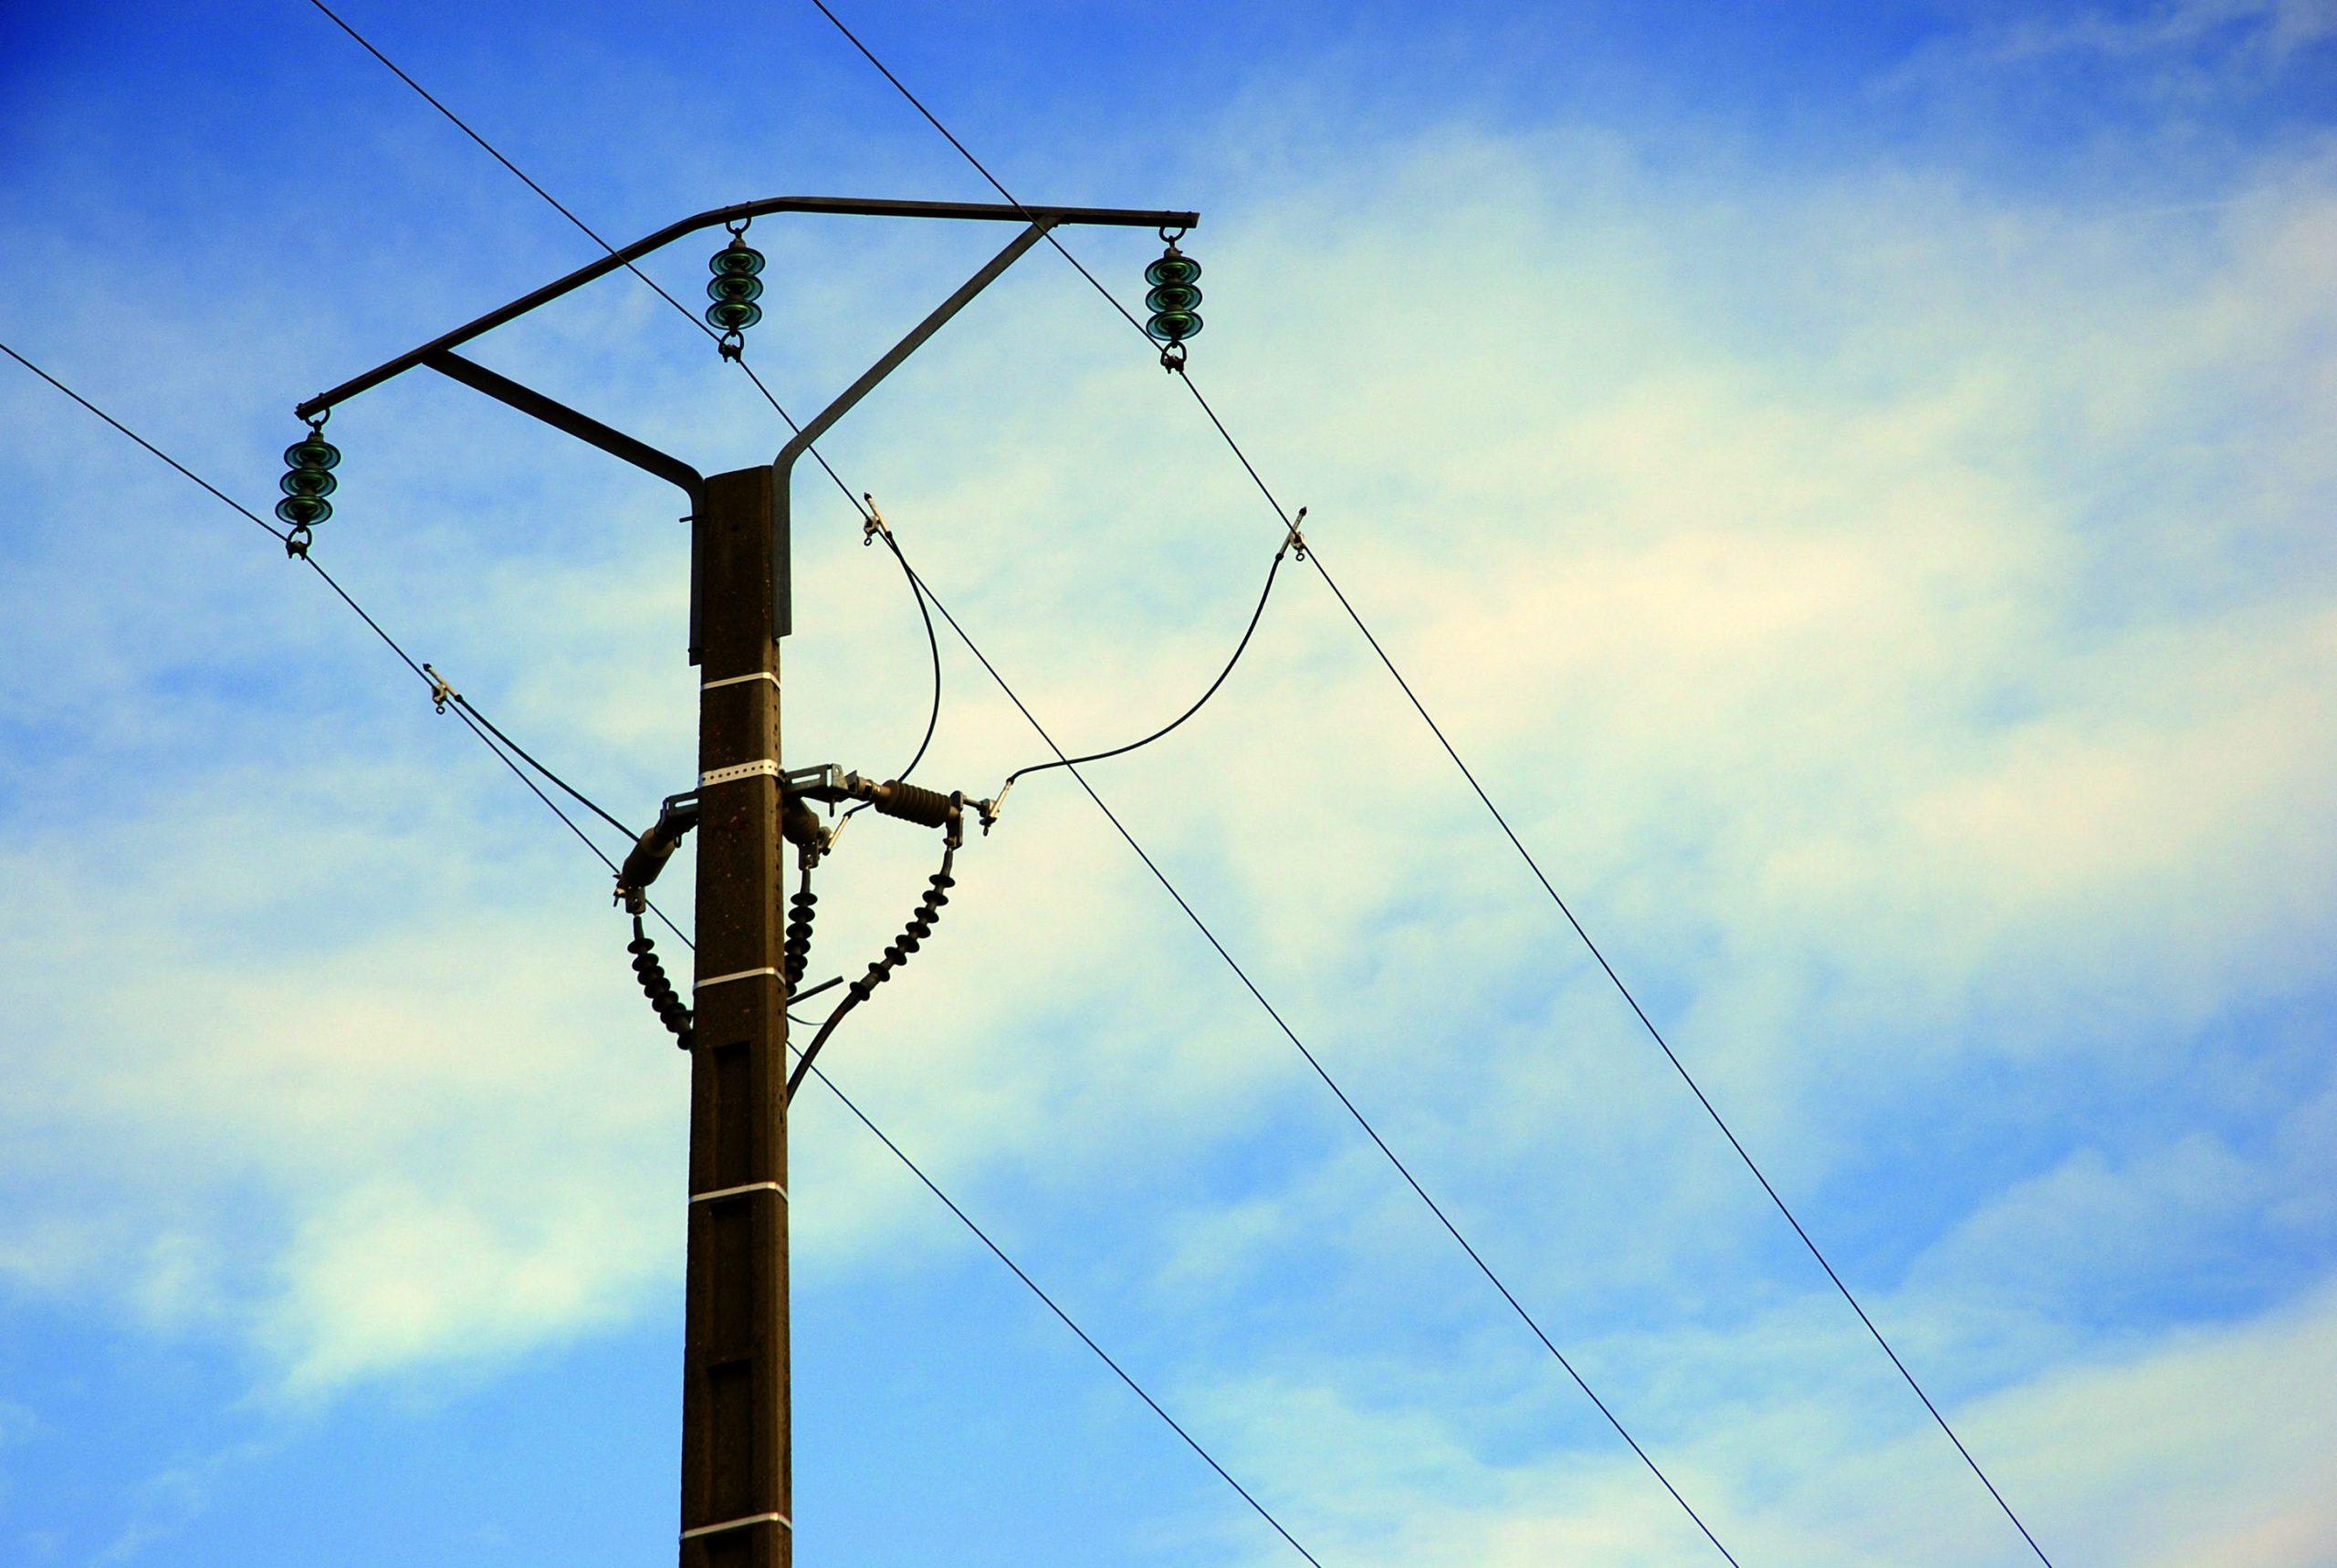 Distribution d'électricité : projet «Hercule» de restructuration d'EDF